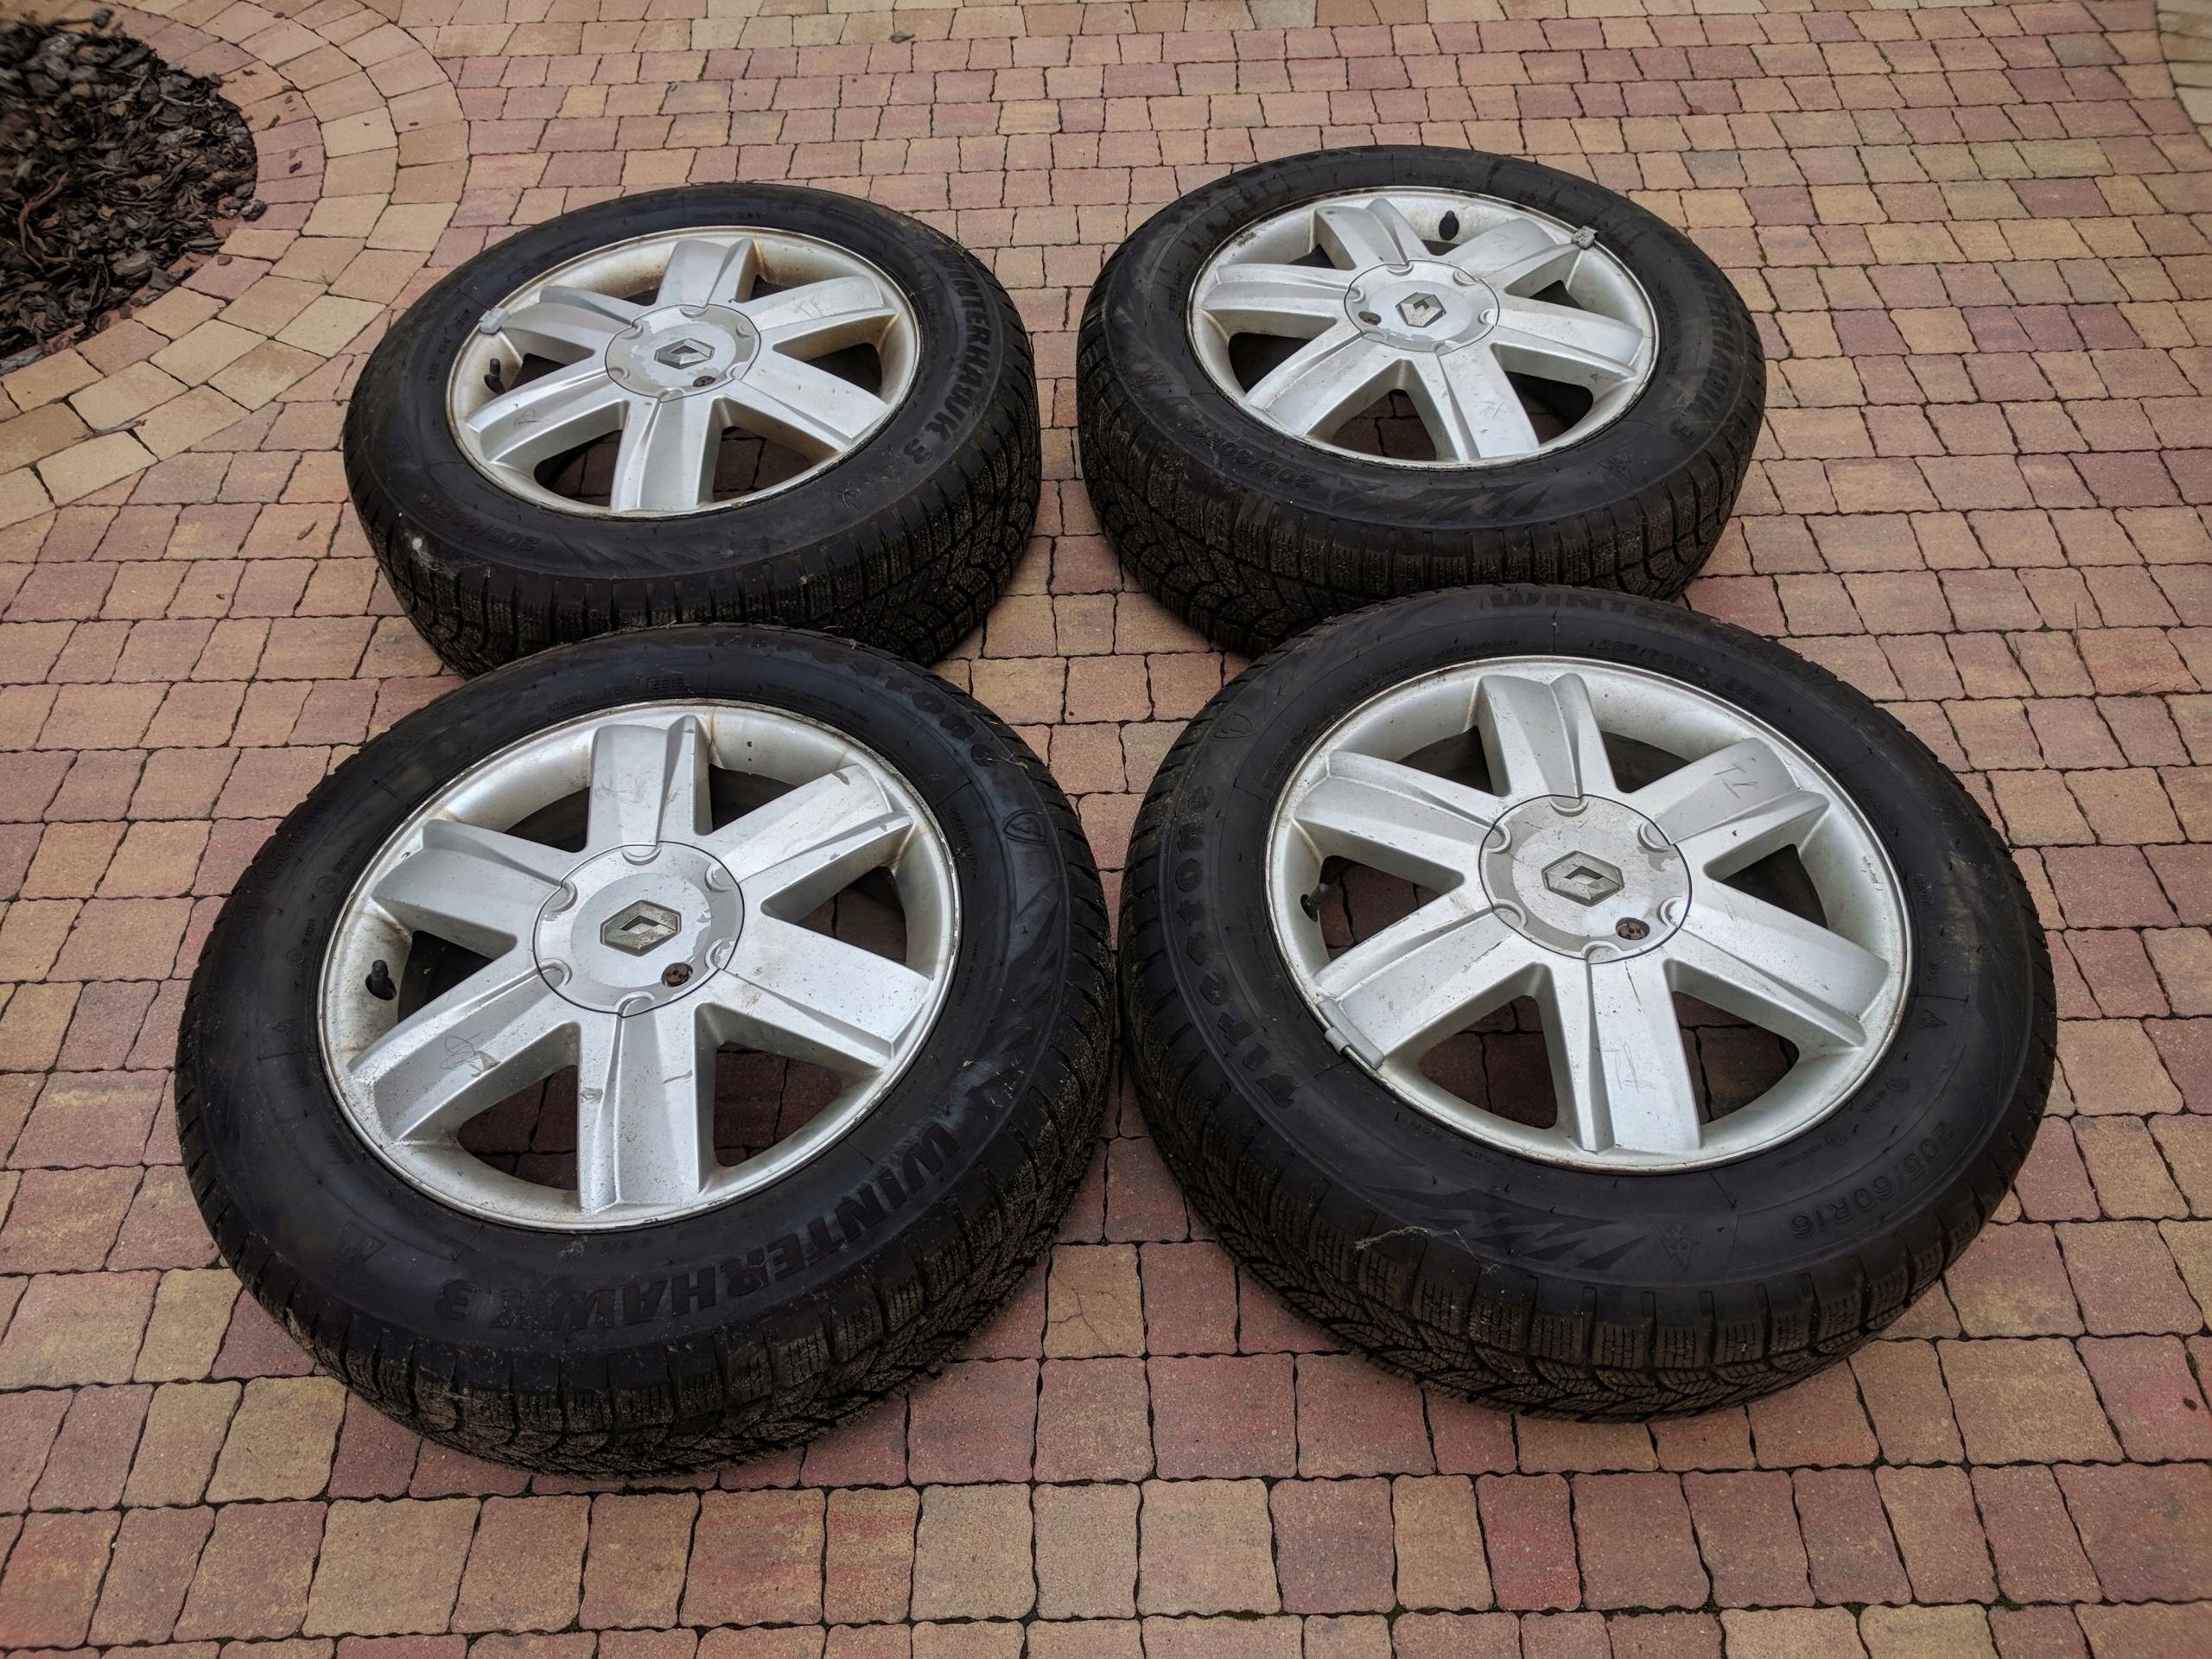 Alufelgi Renault Ii Scenic 16 4x100 Opony Zimowe 7580257217